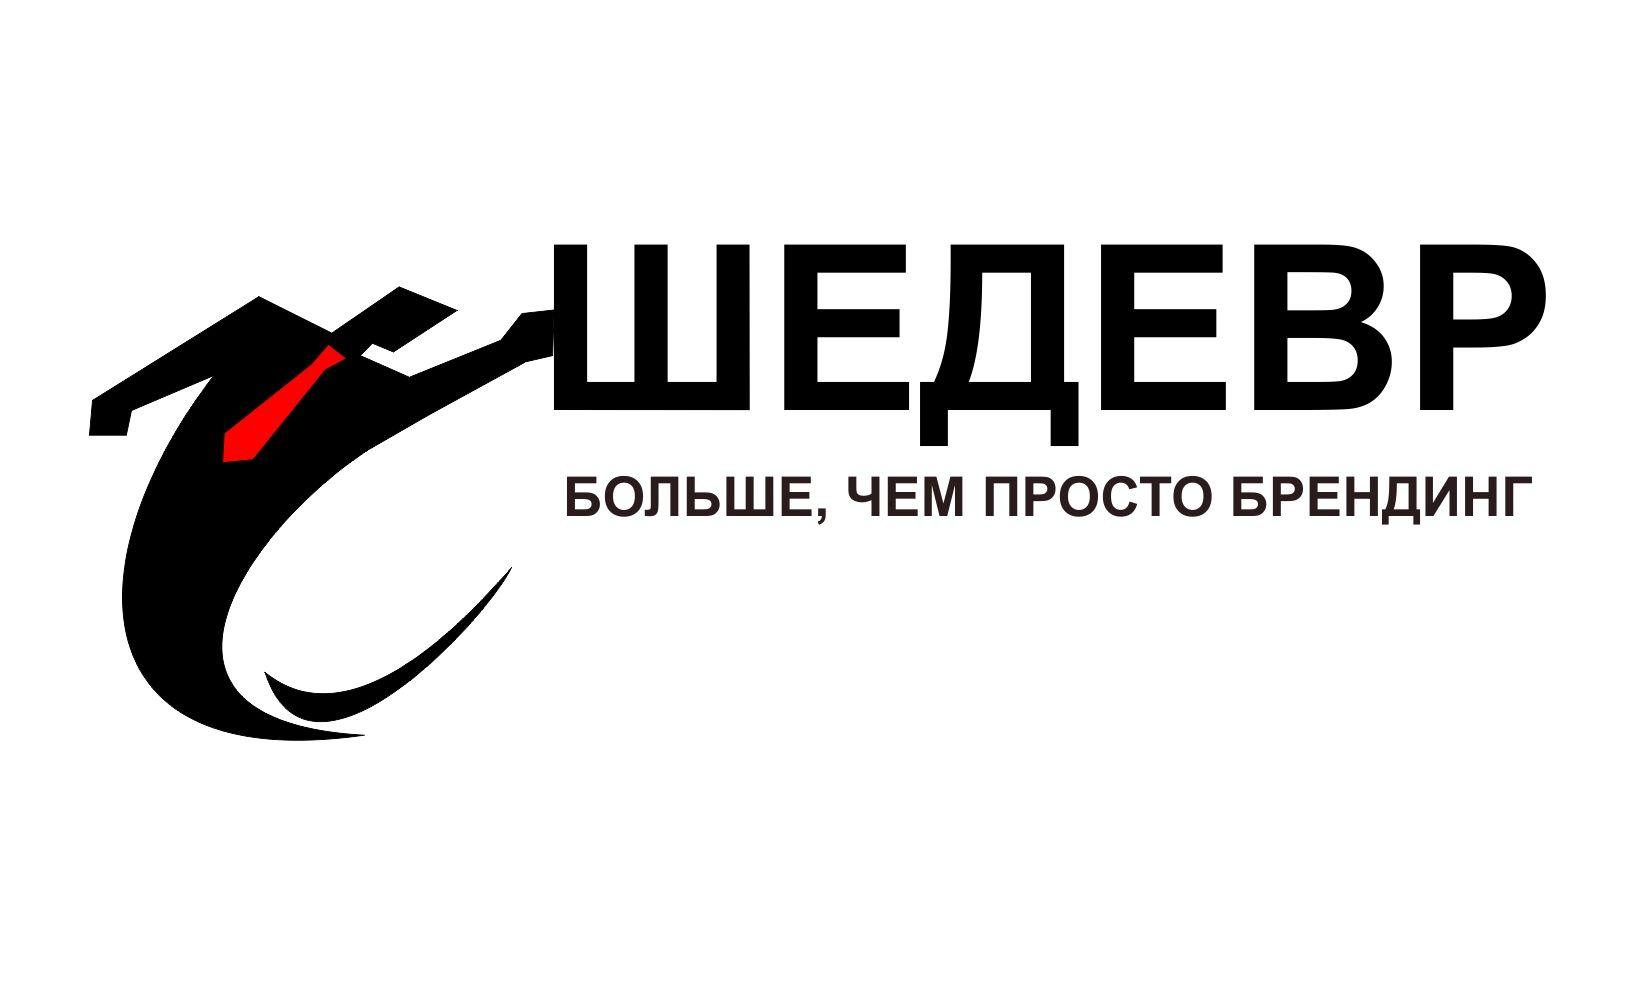 Логотип для брендинговой компании - дизайнер Krasivayav